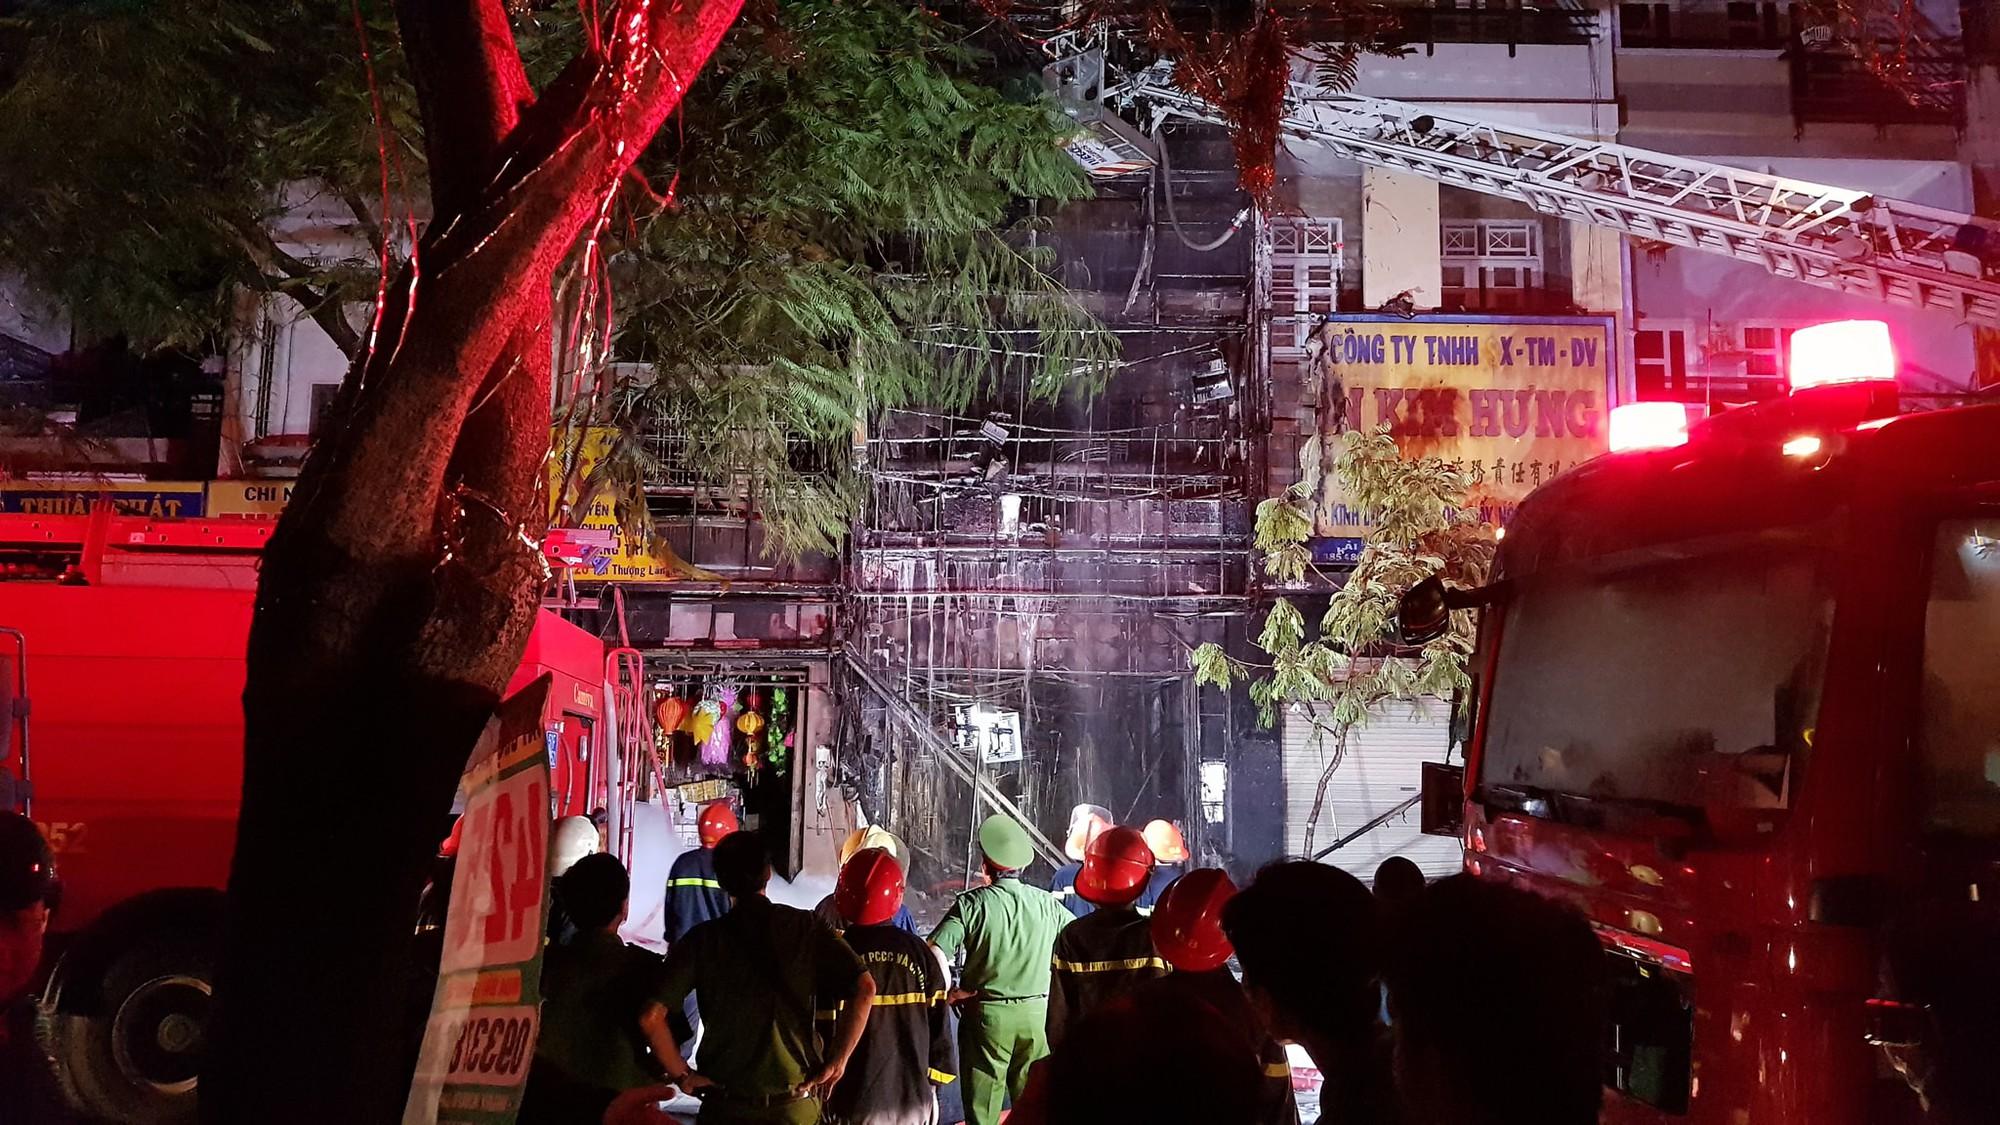 Căn nhà 5 tầng ở Sài Gòn chìm trong biển lửa, hàng trăm chiến sỹ cứu hỏa nỗ lực chữa cháy trong đêm - Ảnh 3.